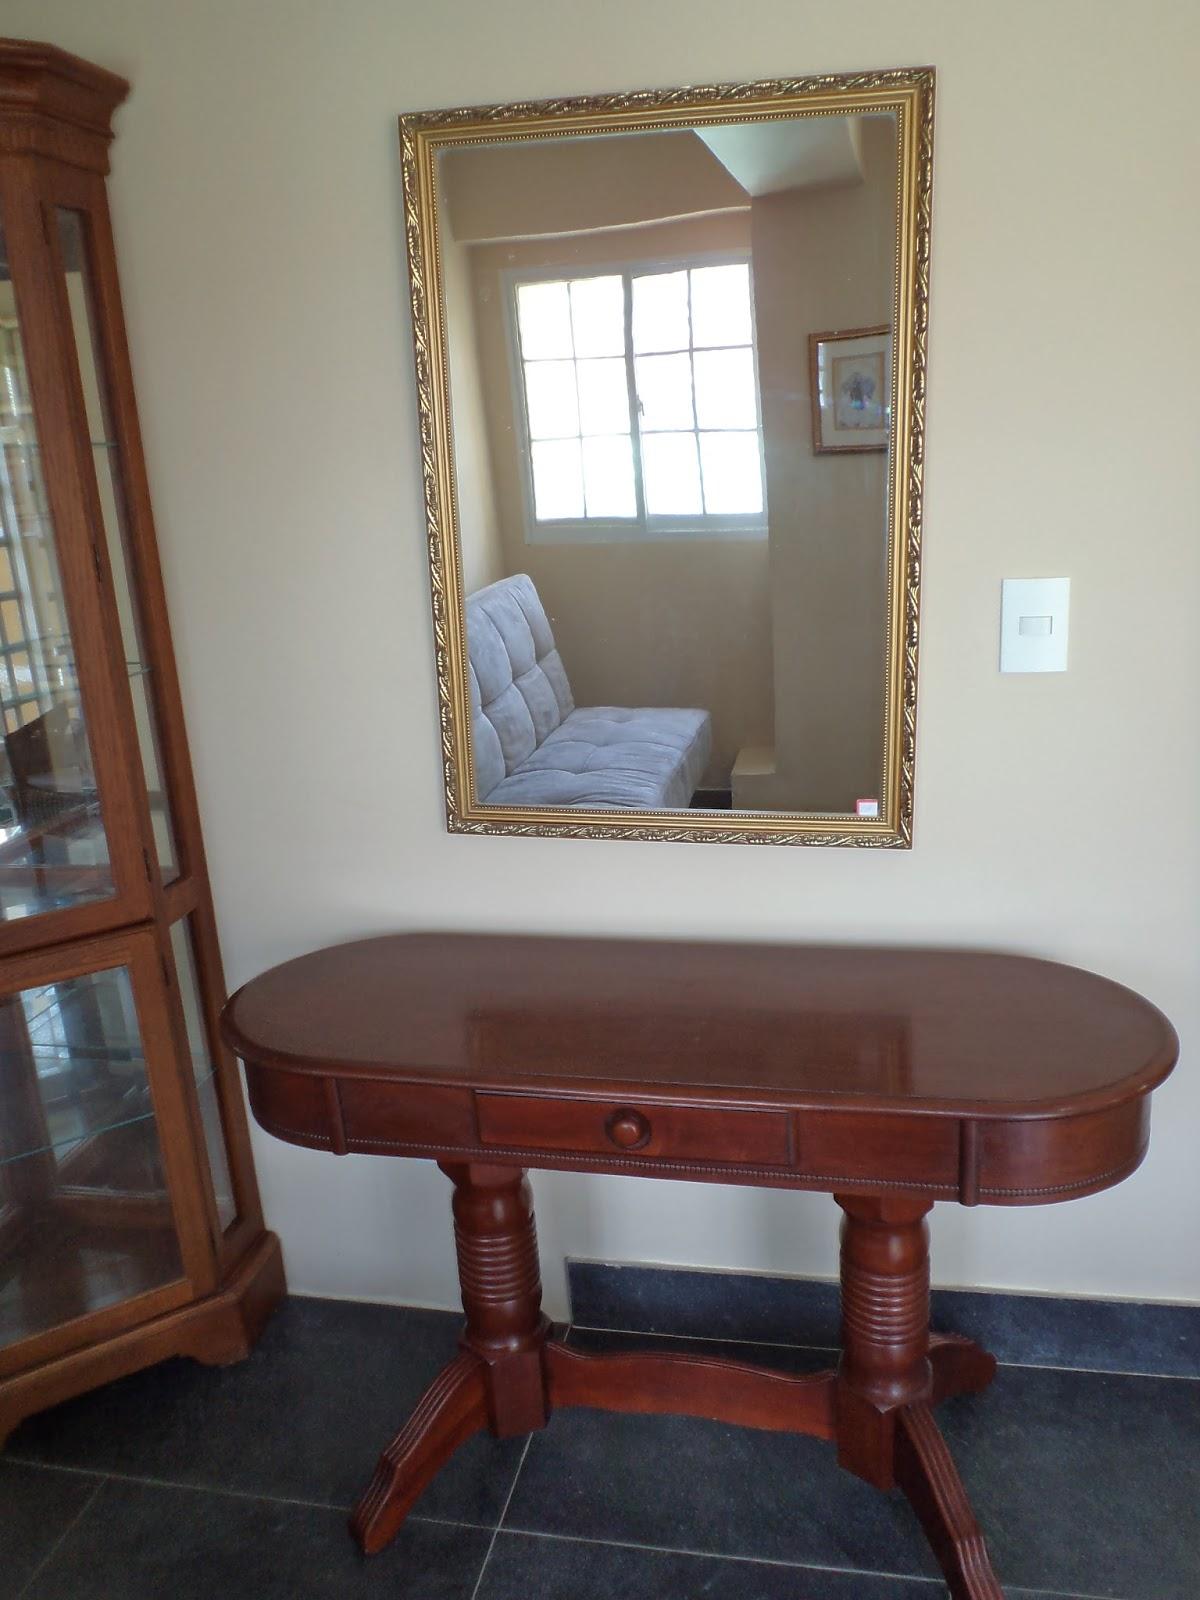 muebles nuevos y usados usa varias mesas americanas